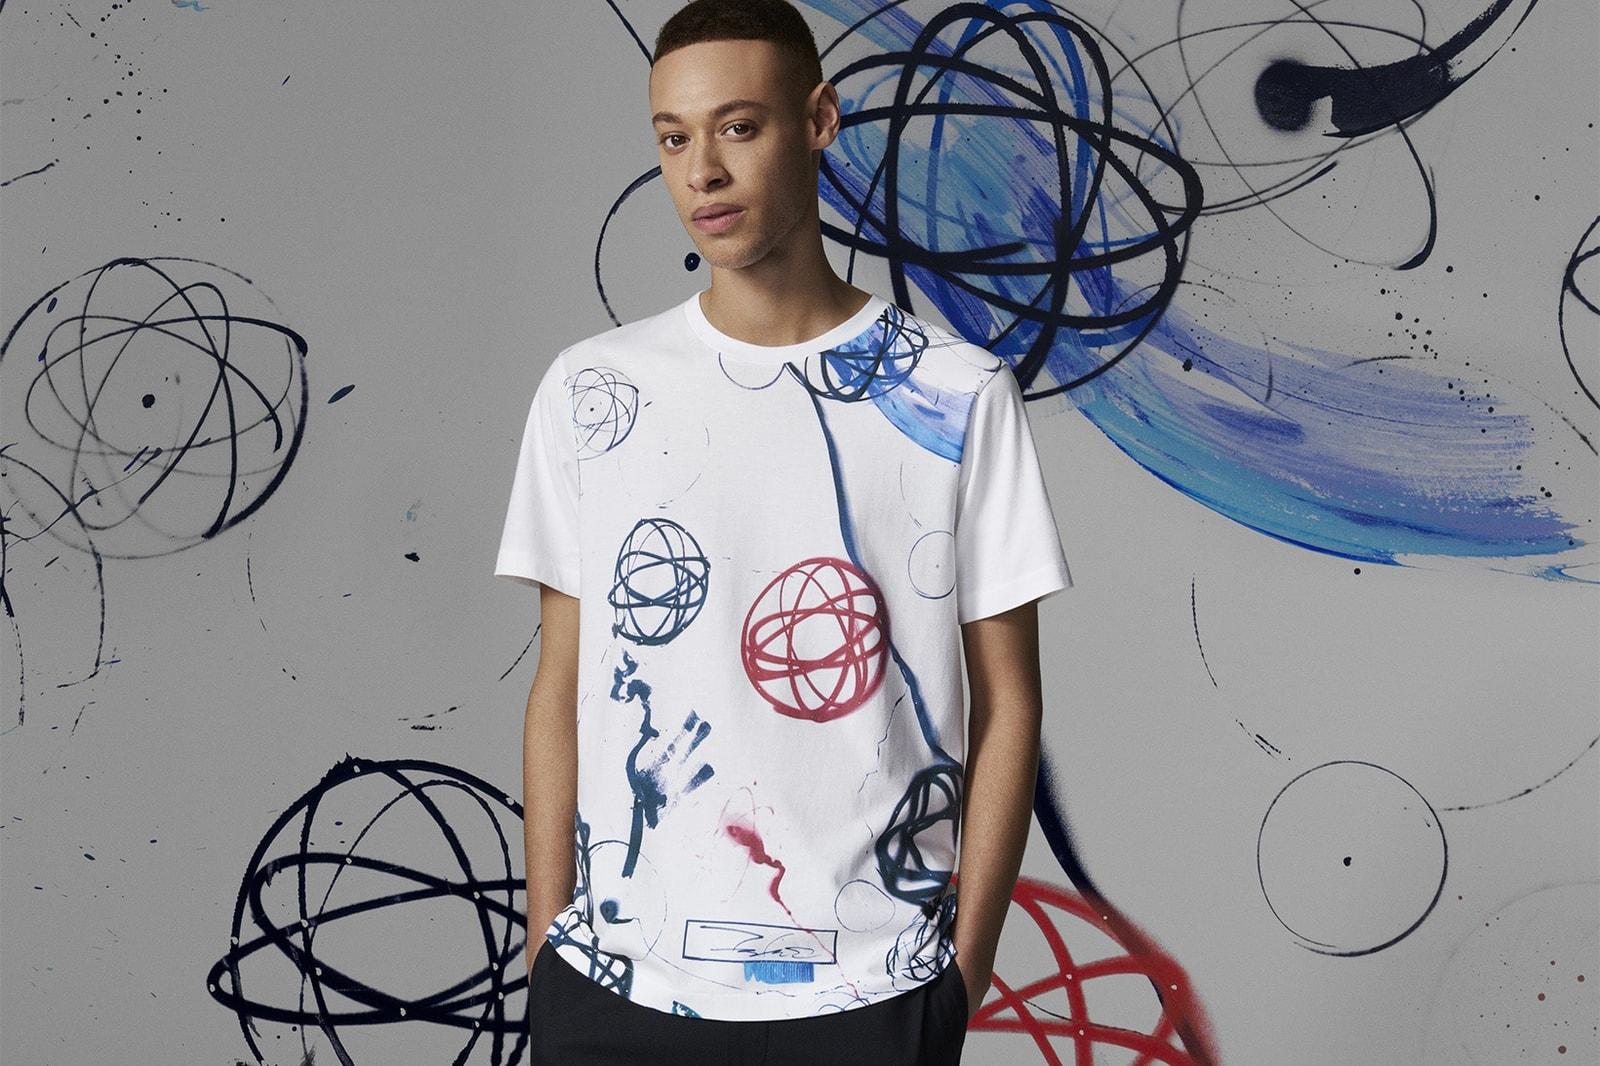 業界評選!回顧快時尚品牌的 10 個經典聯名系列